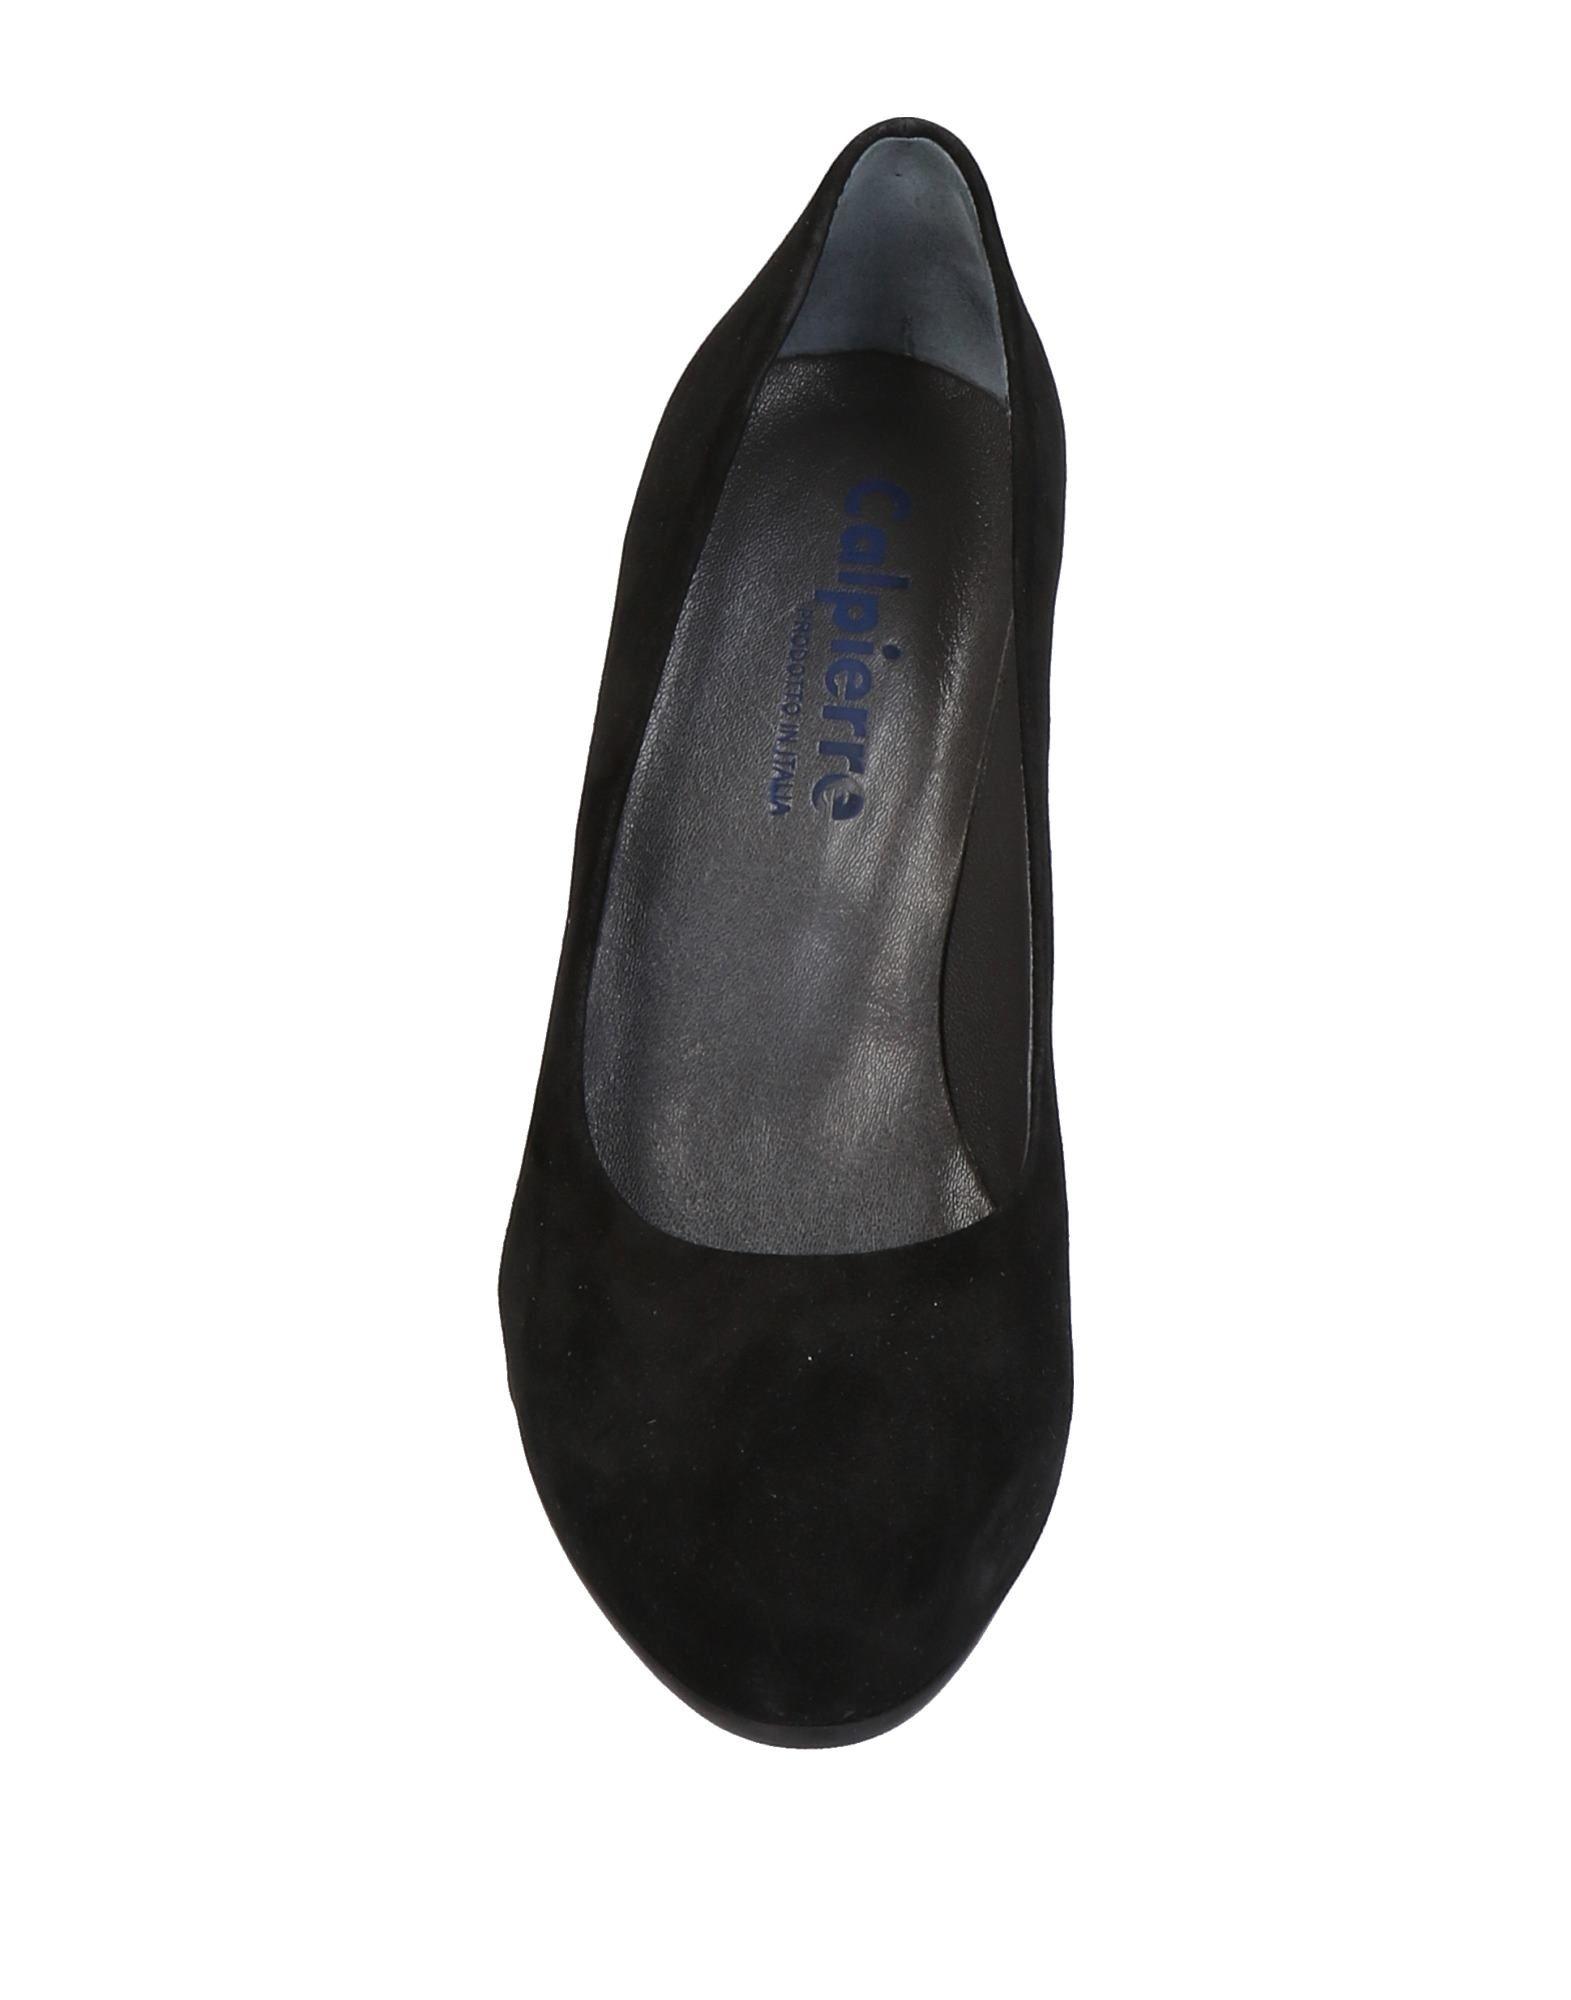 Gut um Pumps billige Schuhe zu tragenCalpierre Pumps um Damen  11459948AW ae45bb